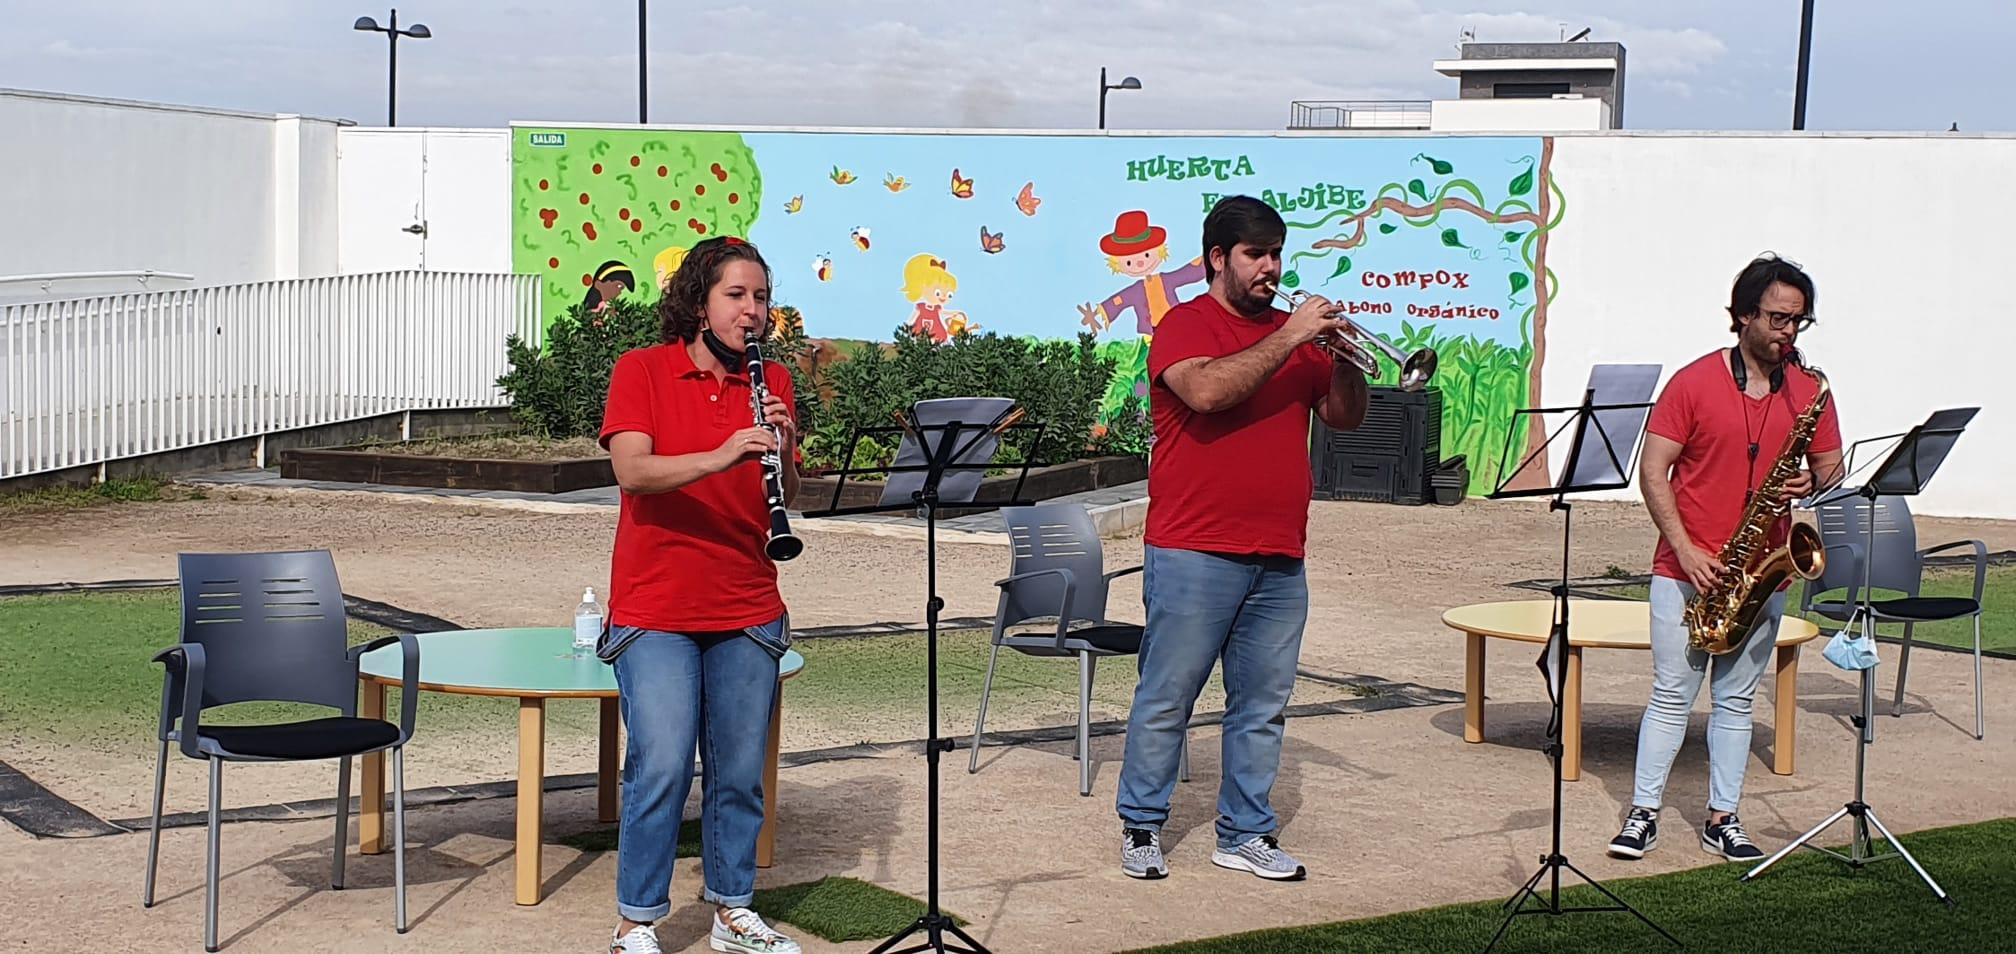 Un particular 'Cantajuegos' alegra a las escuelas infantiles de Cúllar Vega con música en directo